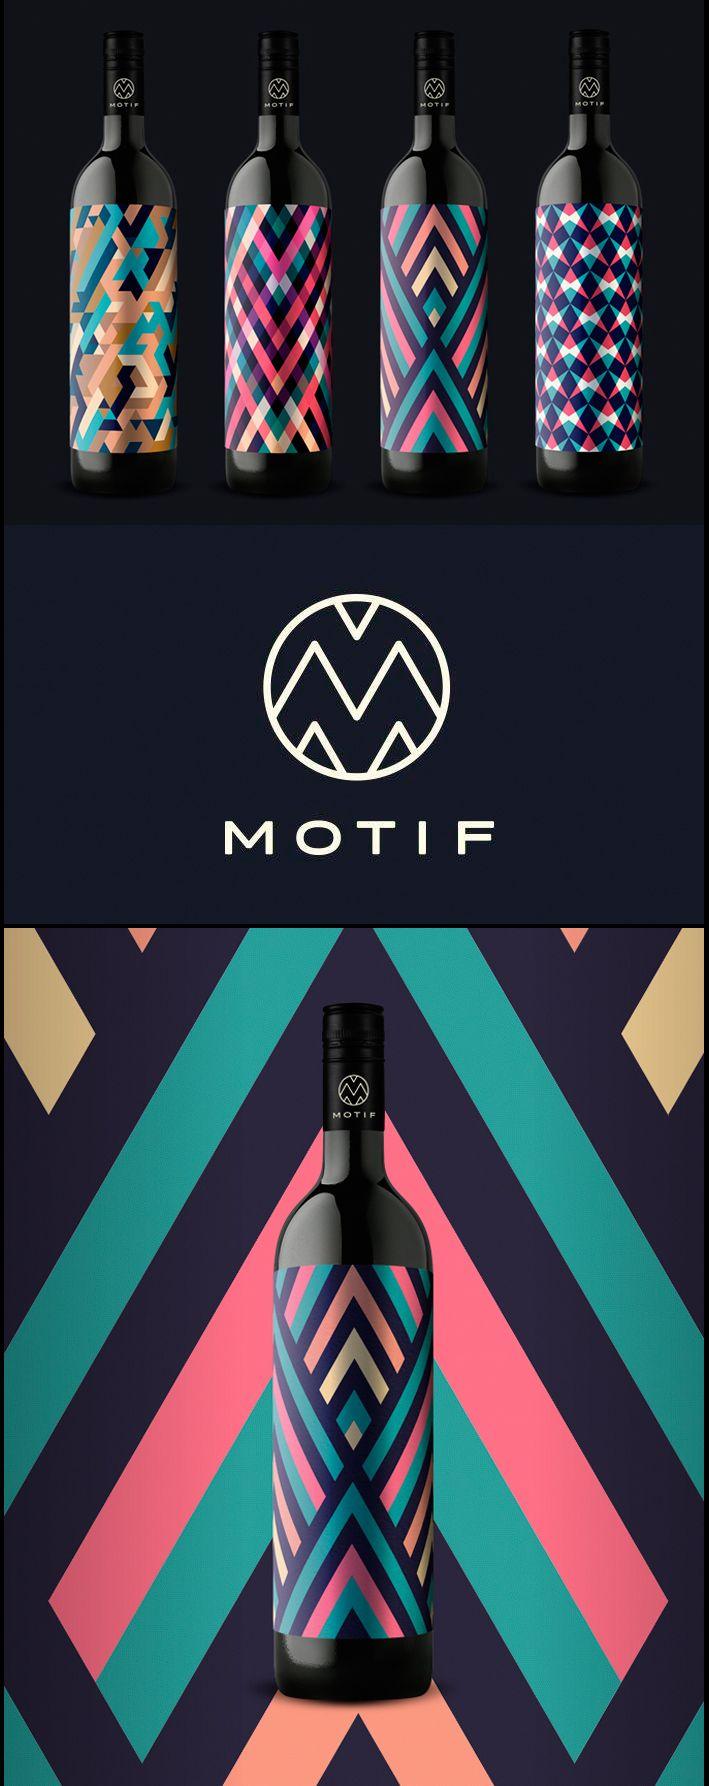 Motif wine packaging. Wonder if it tastes as great as it looks.